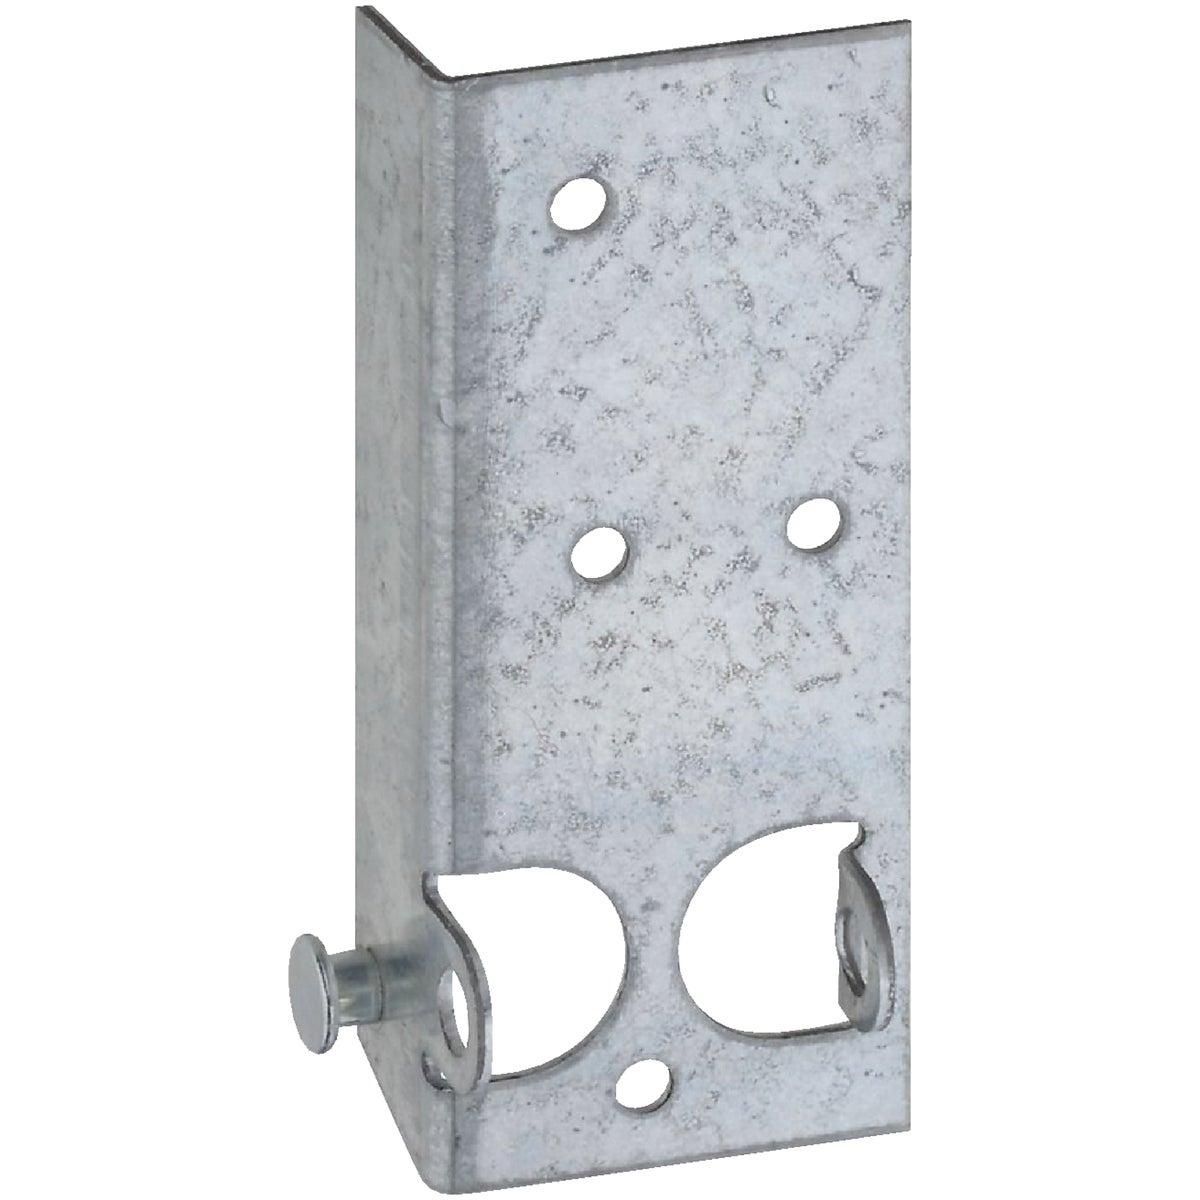 Garage Door Hardware & Accessories